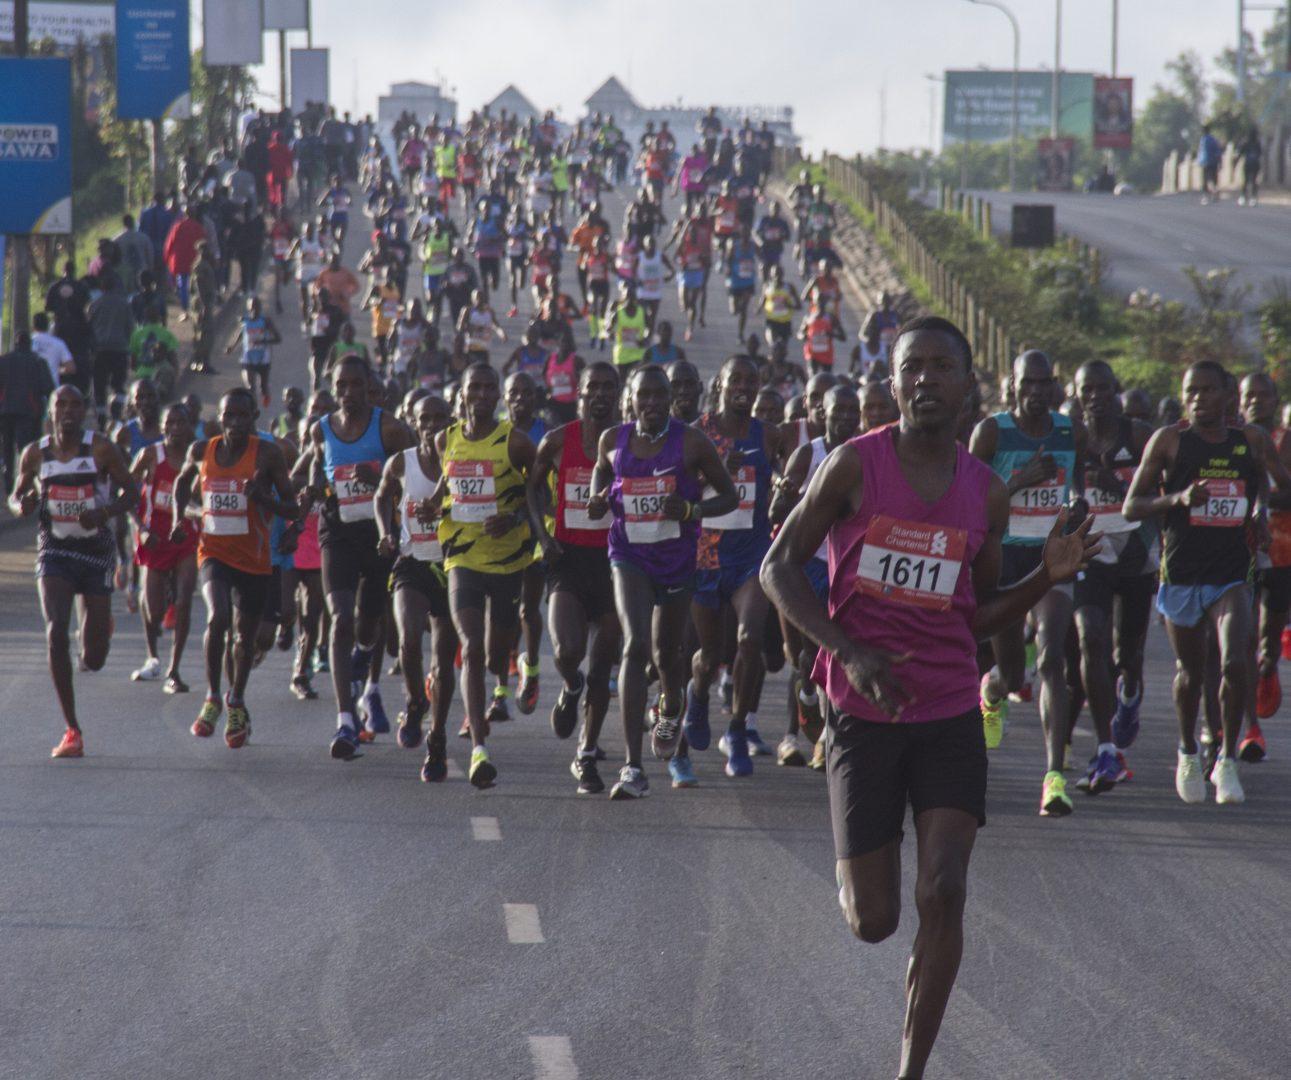 https://www.nairobimarathon.com/wp-content/uploads/2021/07/MG_4347.jpg